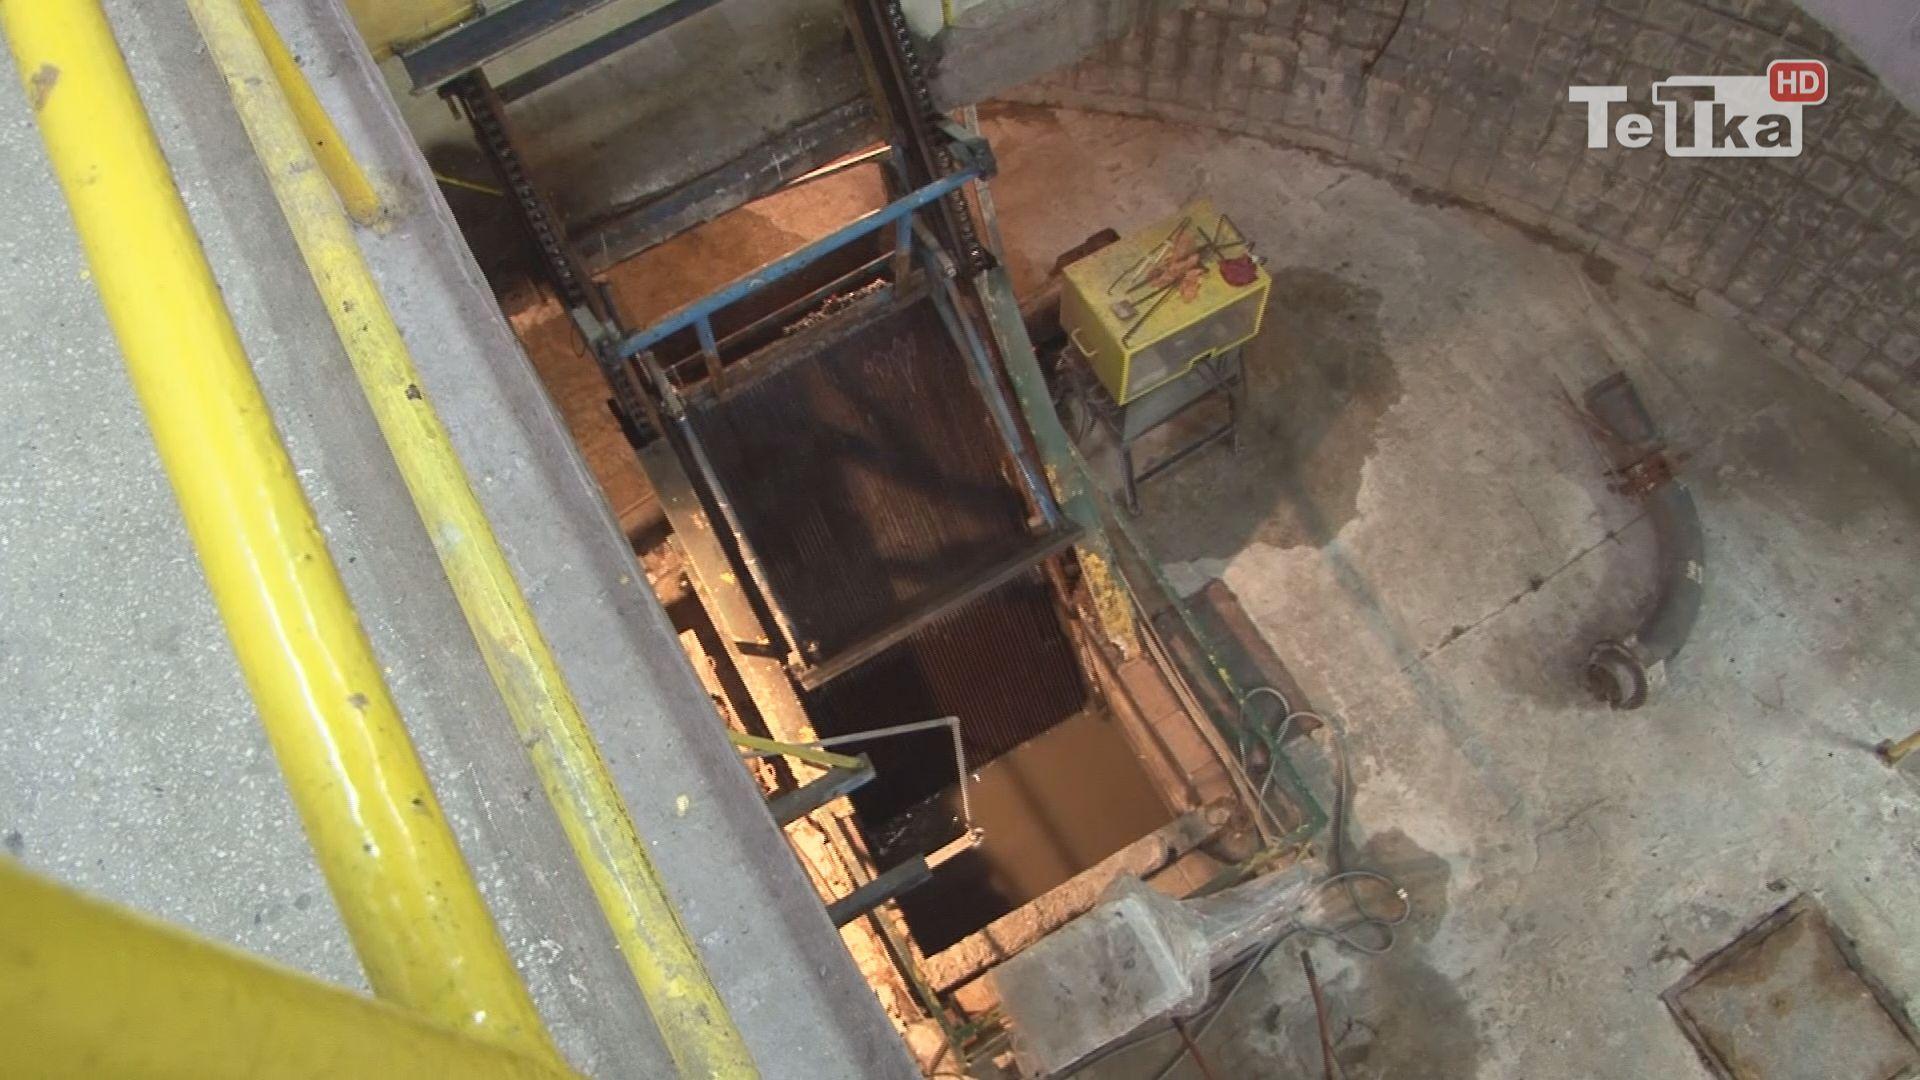 Zakład Wodociągów i Kanalizacji prowadzi prace budowlane oraz inwestycyjne